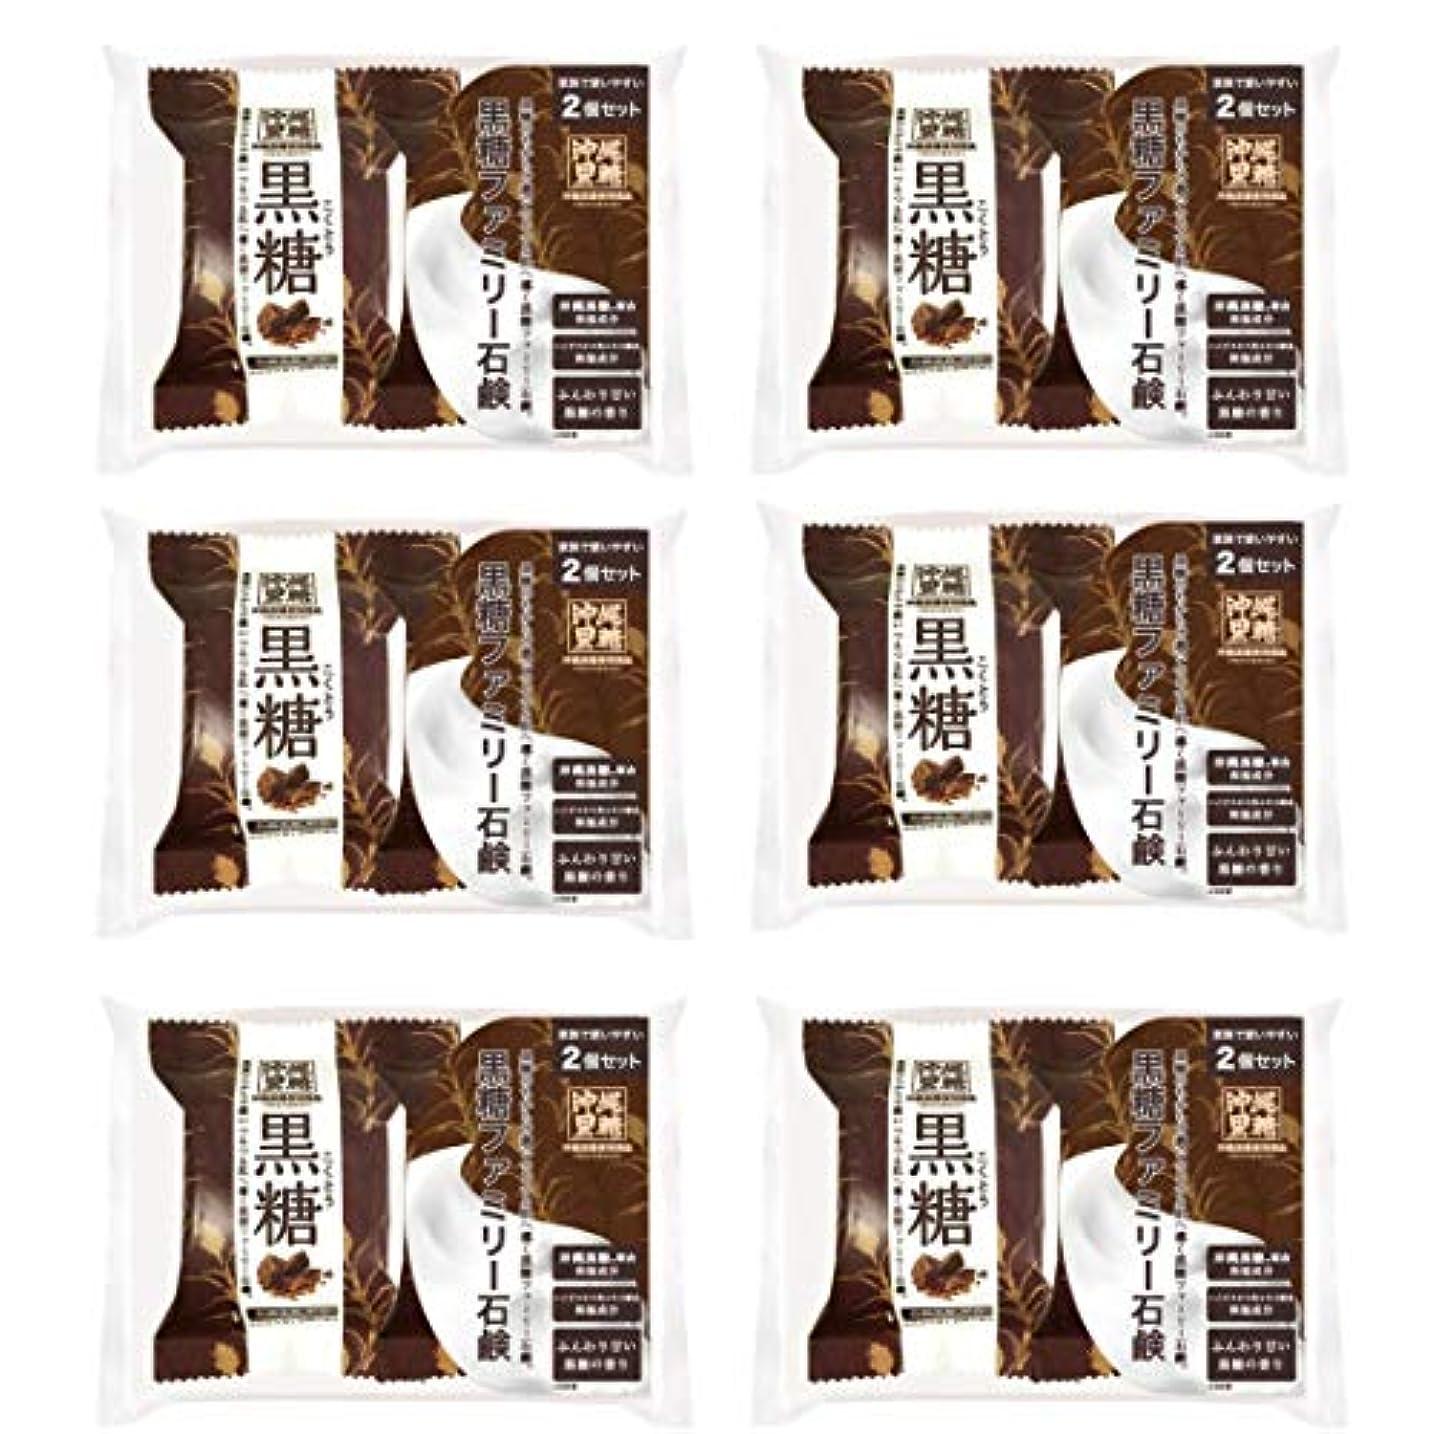 飾り羽耐えられない時代【6個セット】ペリカン石鹸 ファミリー黒糖石鹸 80g×2個